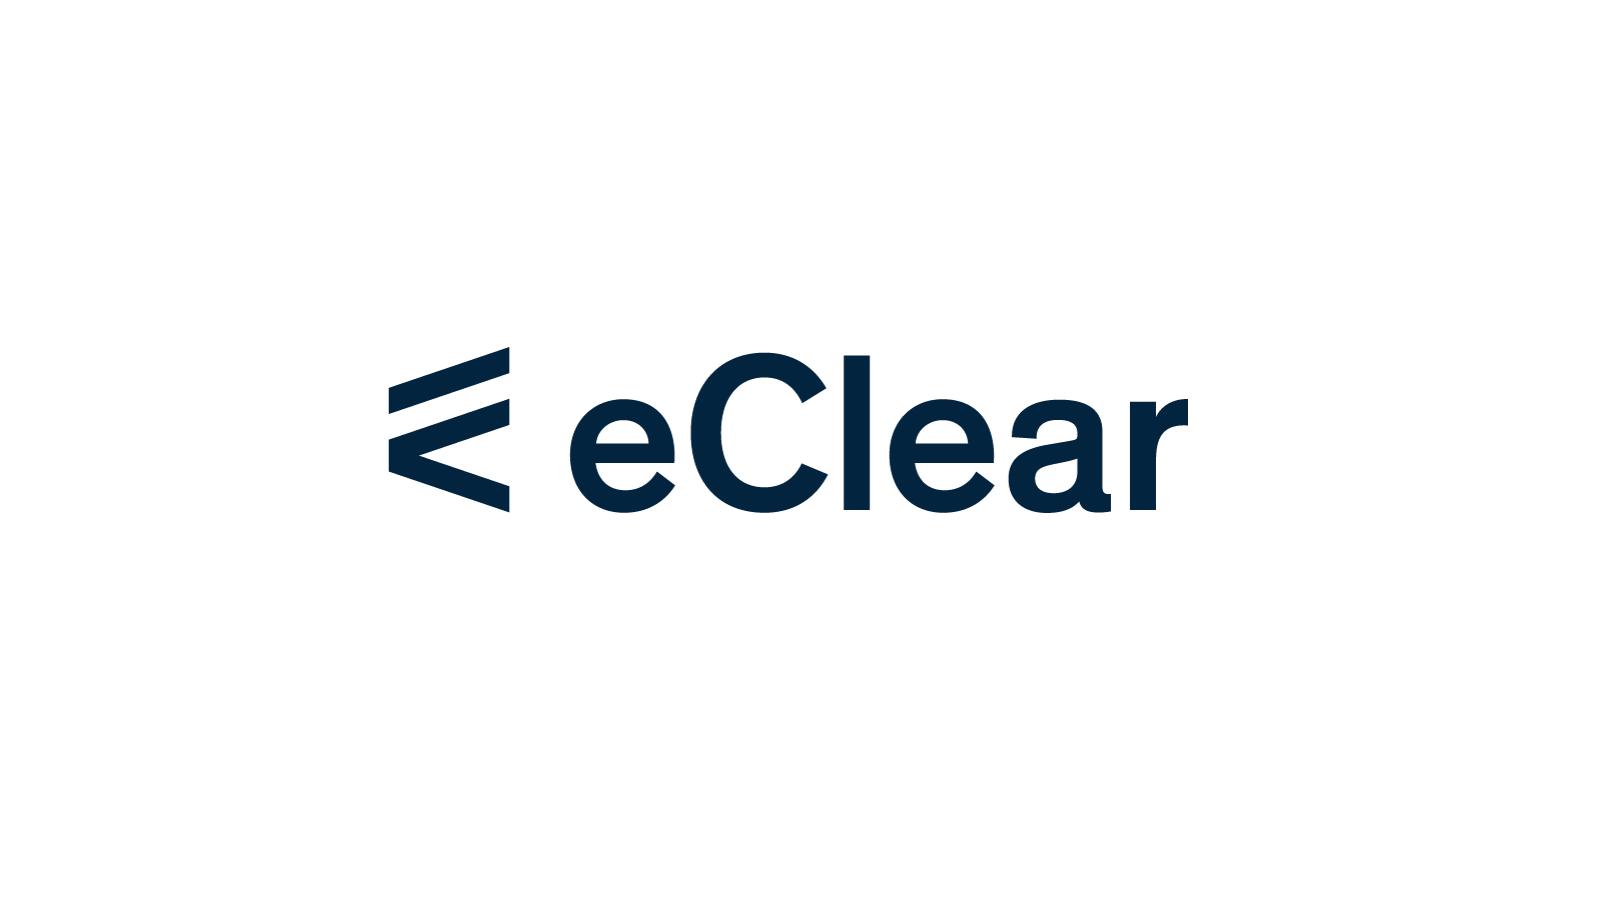 eclear_1600